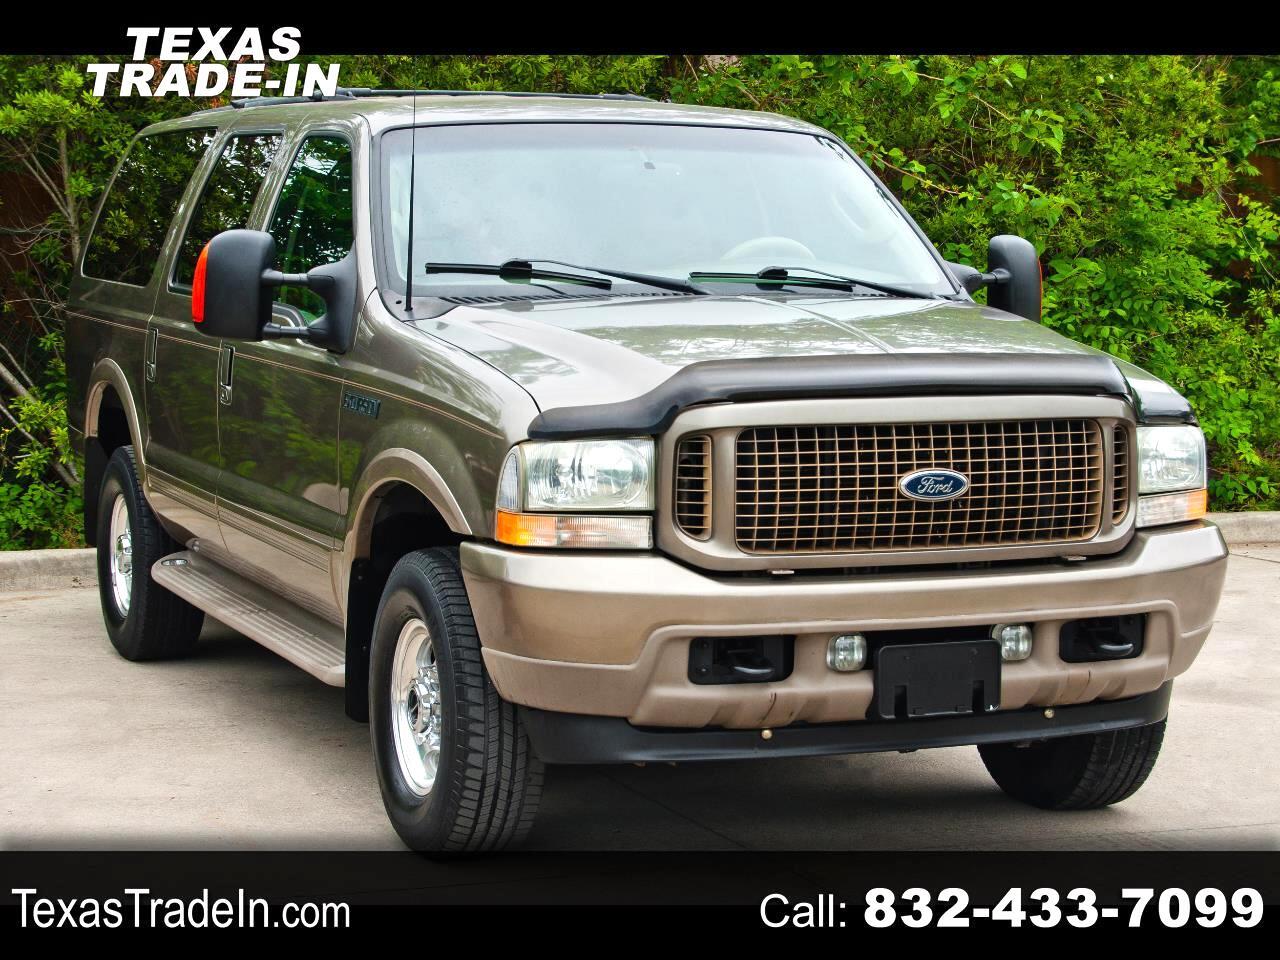 Ford Excursion Eddie Bauer 7.3L 4WD 2003